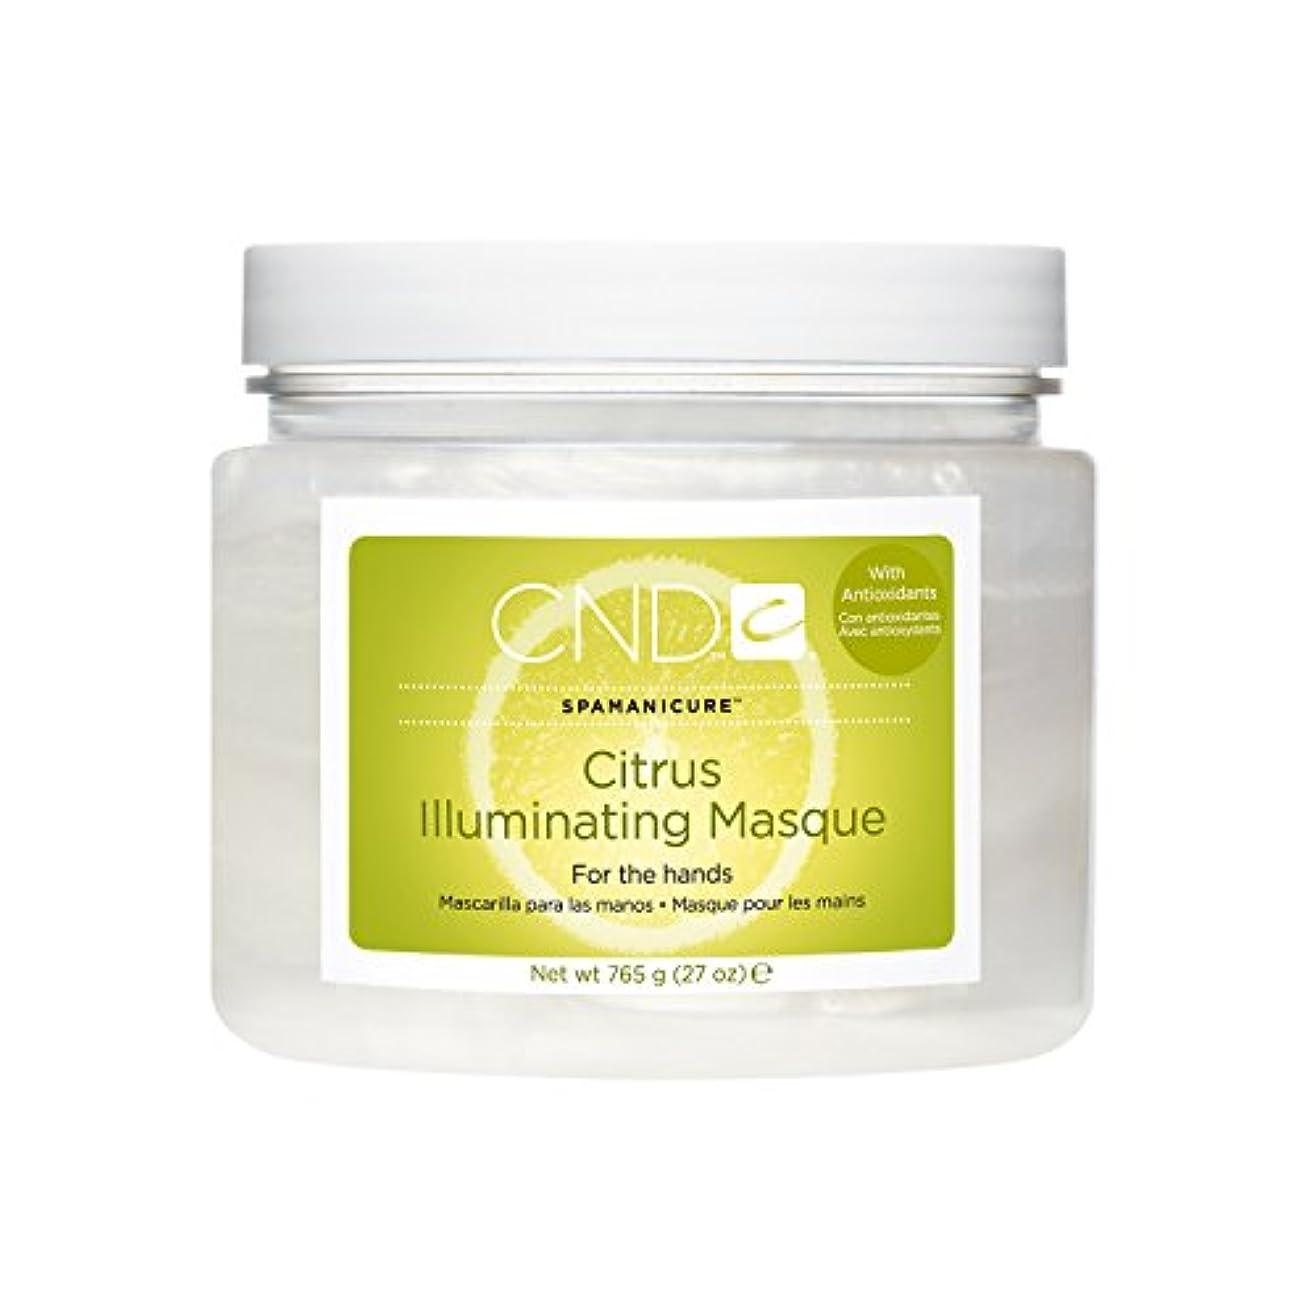 がんばり続ける穴ステレオタイプCND SpaManicure - Citrus Illuminating Masque - 27oz